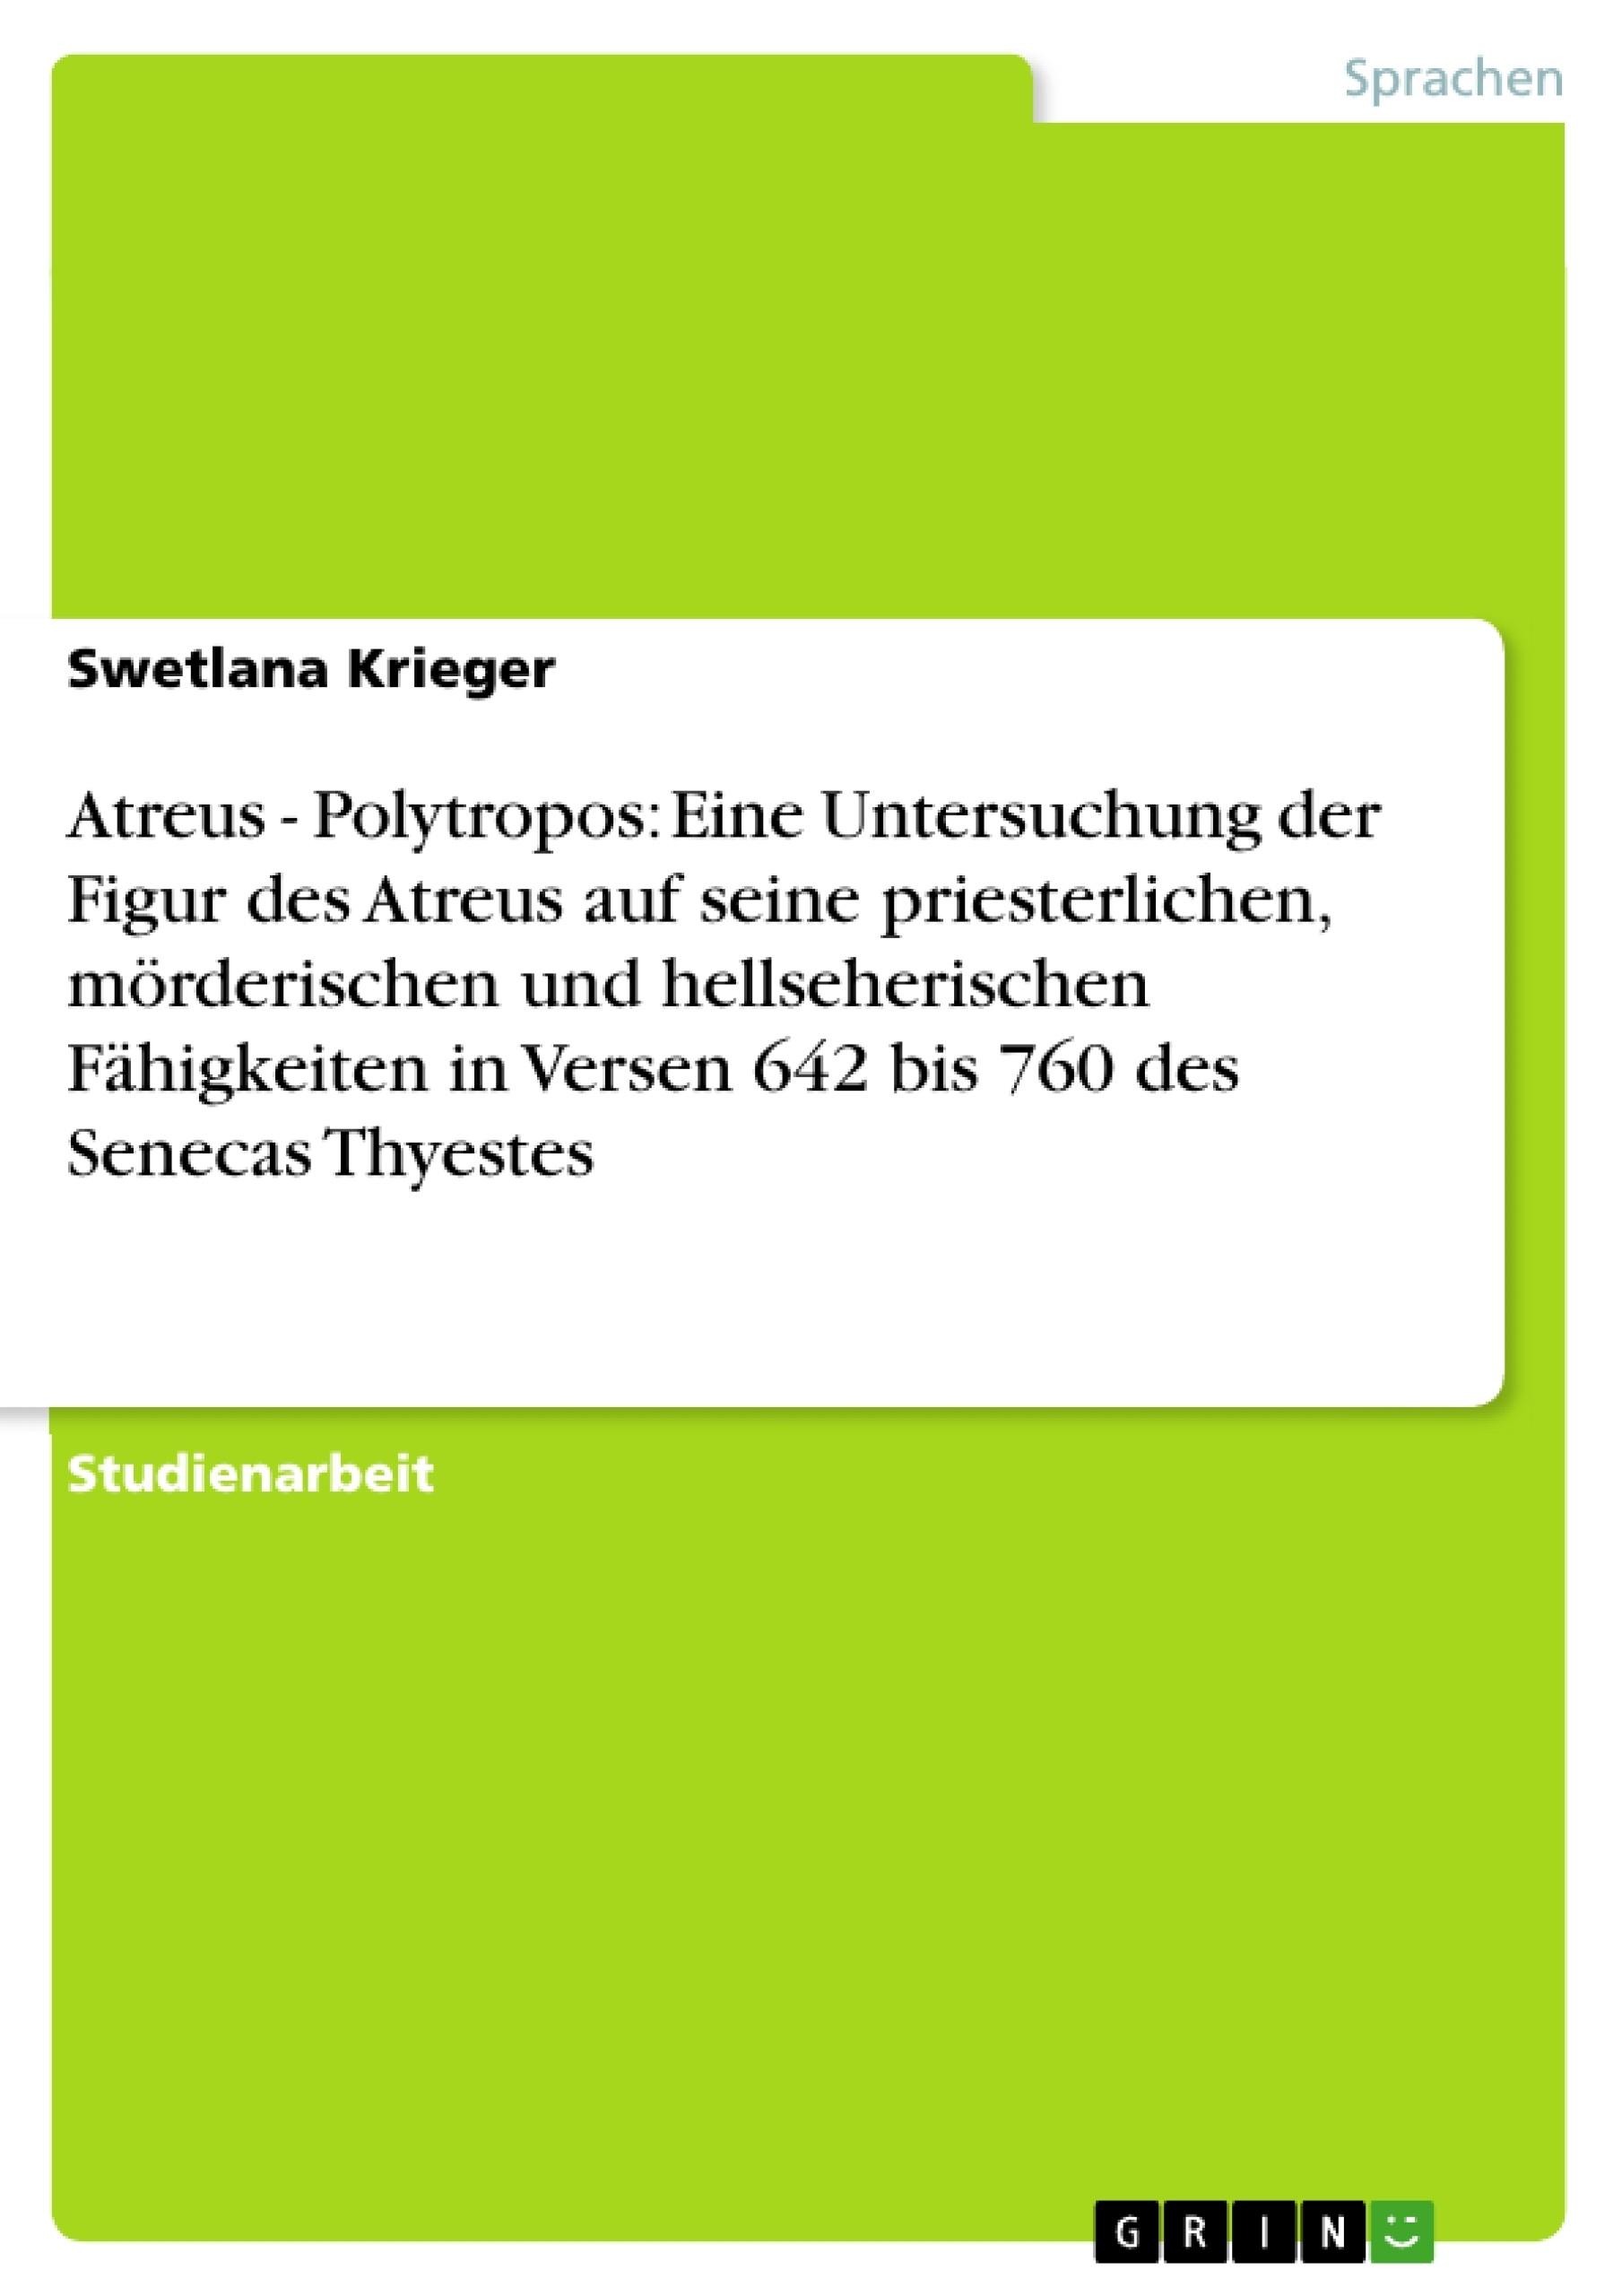 Titel: Atreus - Polytropos: Eine Untersuchung der Figur des Atreus auf seine priesterlichen, mörderischen und hellseherischen Fähigkeiten in Versen 642 bis 760 des Senecas Thyestes